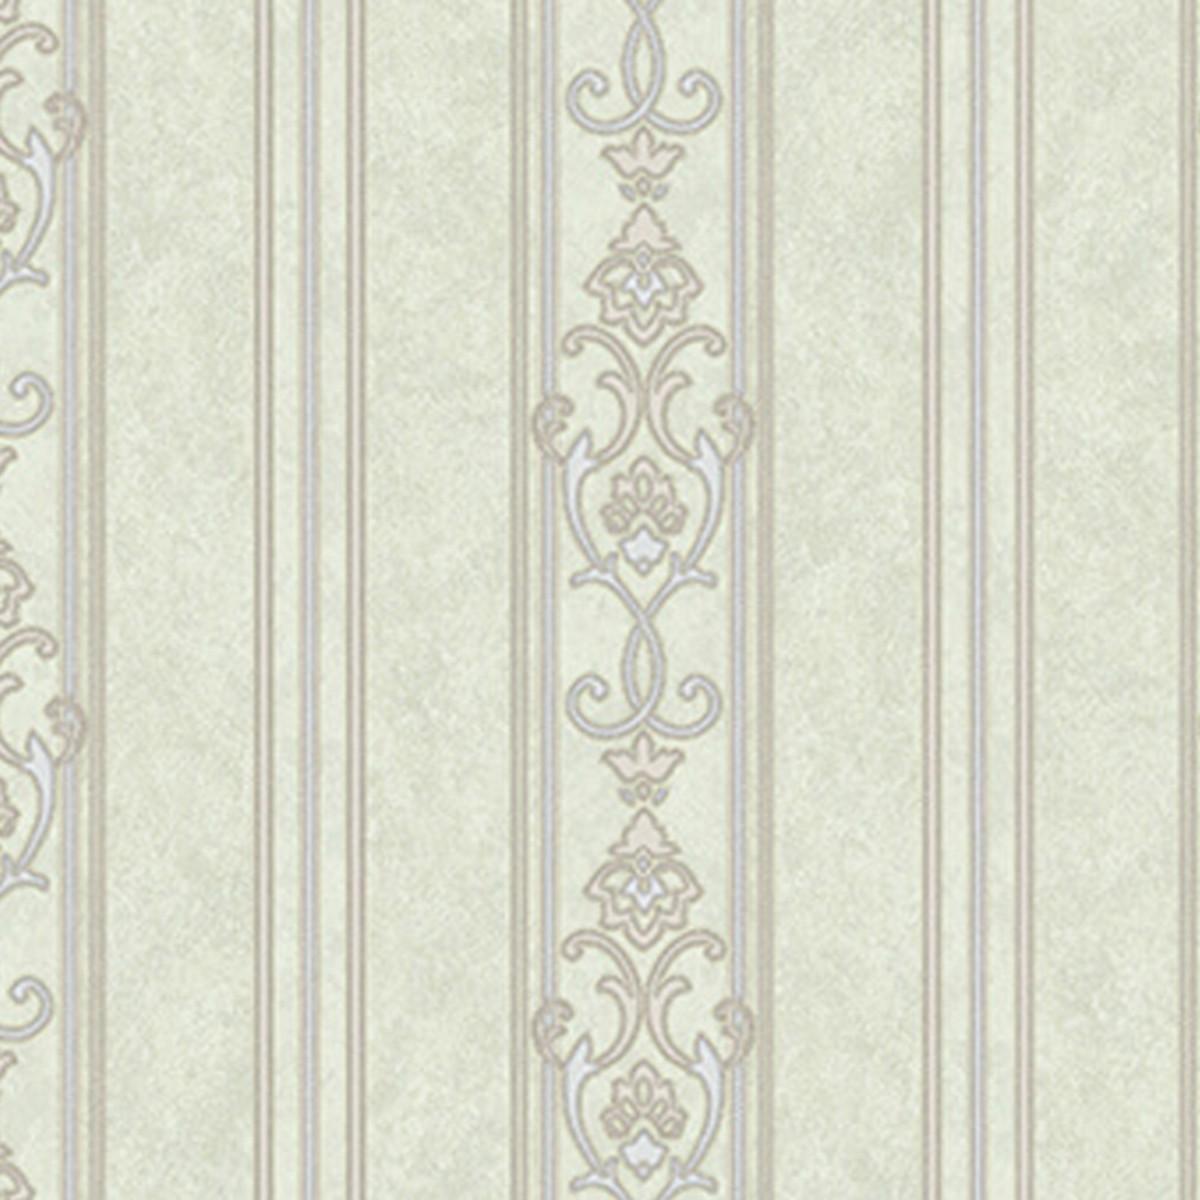 Обои флизелиновые Adawall Rumi серые 1.06 м 6805-2